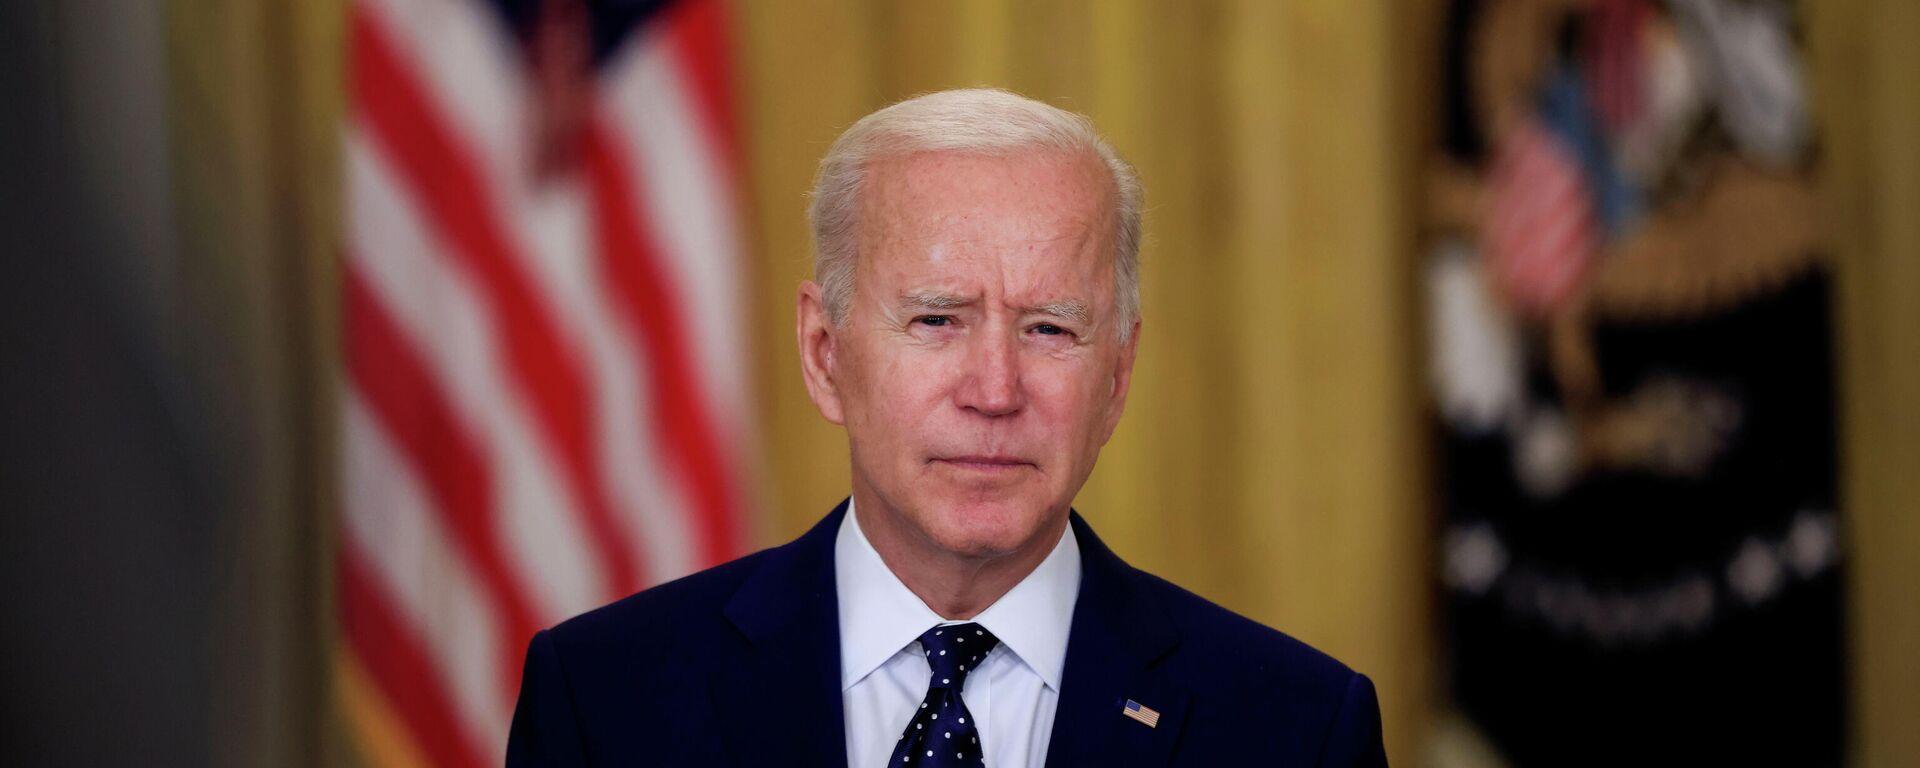 El presidente de EEUU, Joe Biden, pronuncia un discurso sobre Rusia - Sputnik Mundo, 1920, 16.04.2021